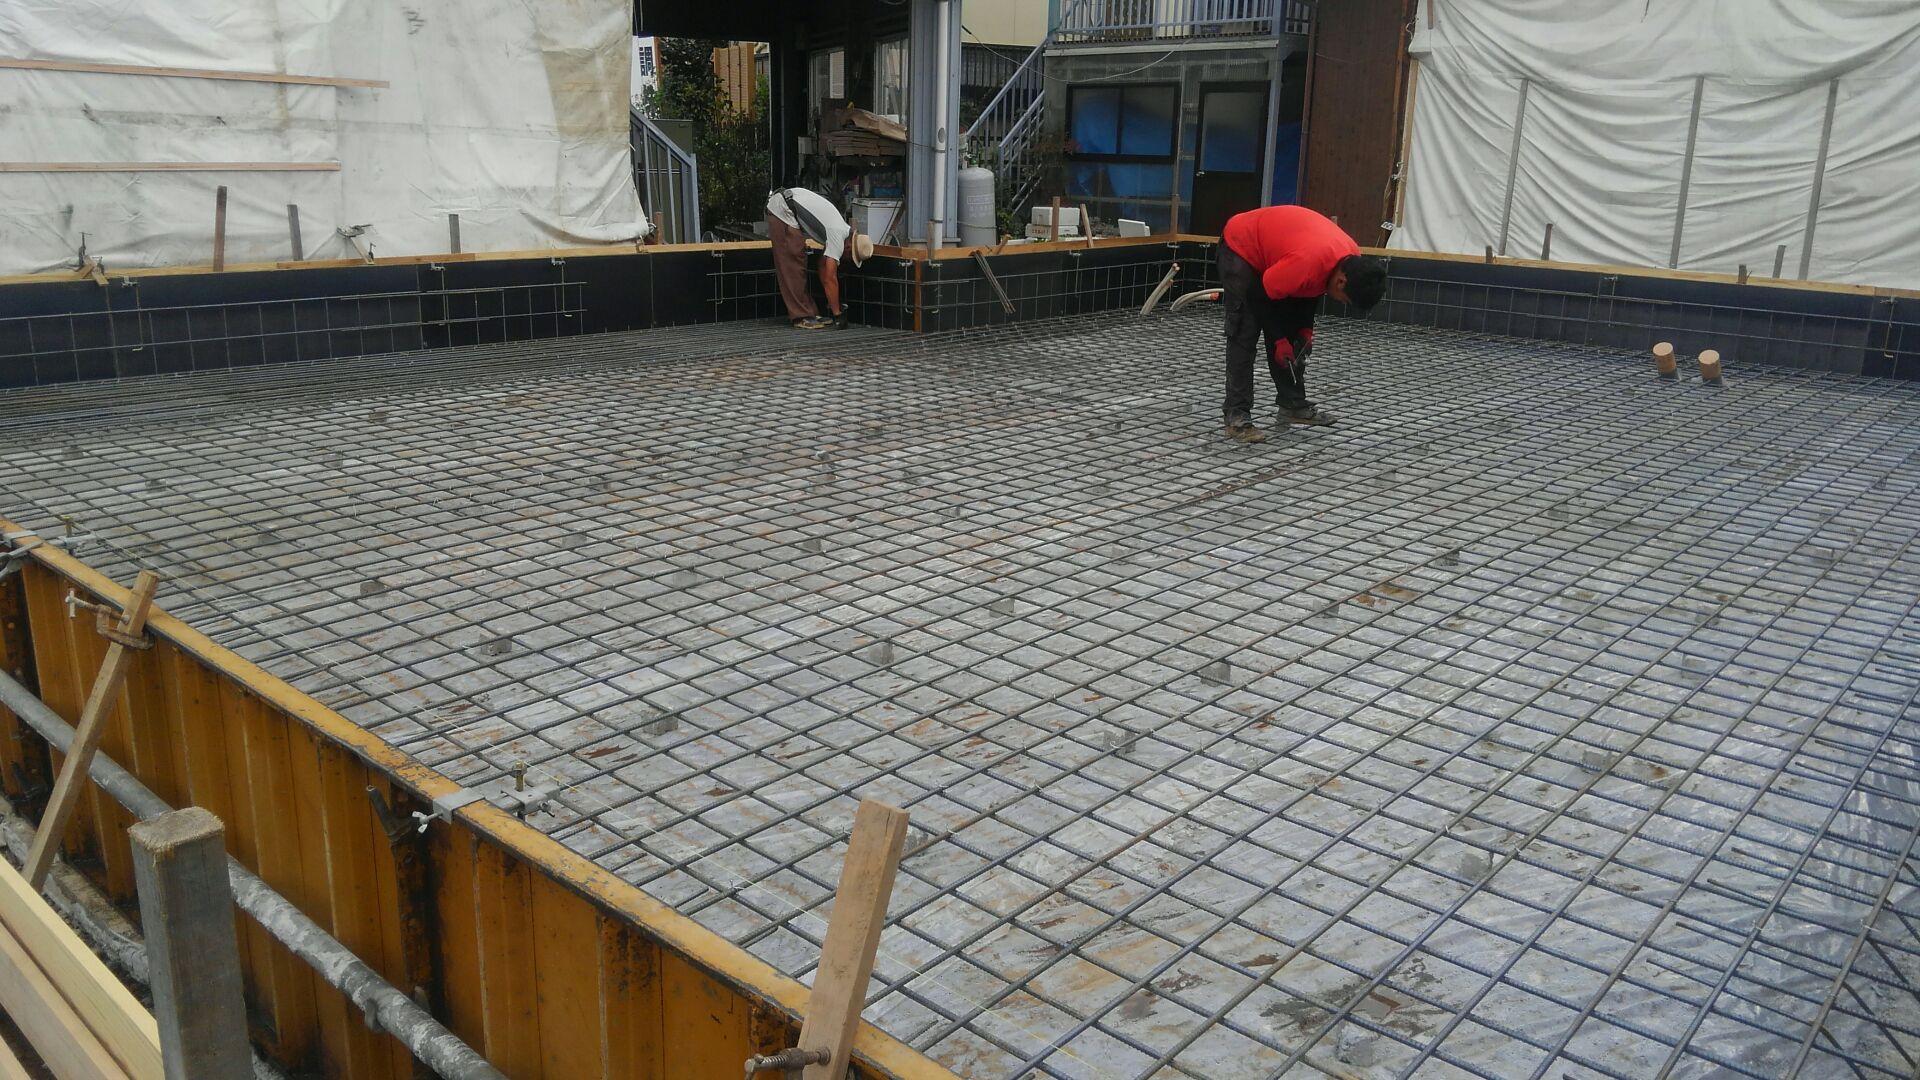 【建物施工】弓木空調様 基礎工事が終わりました。